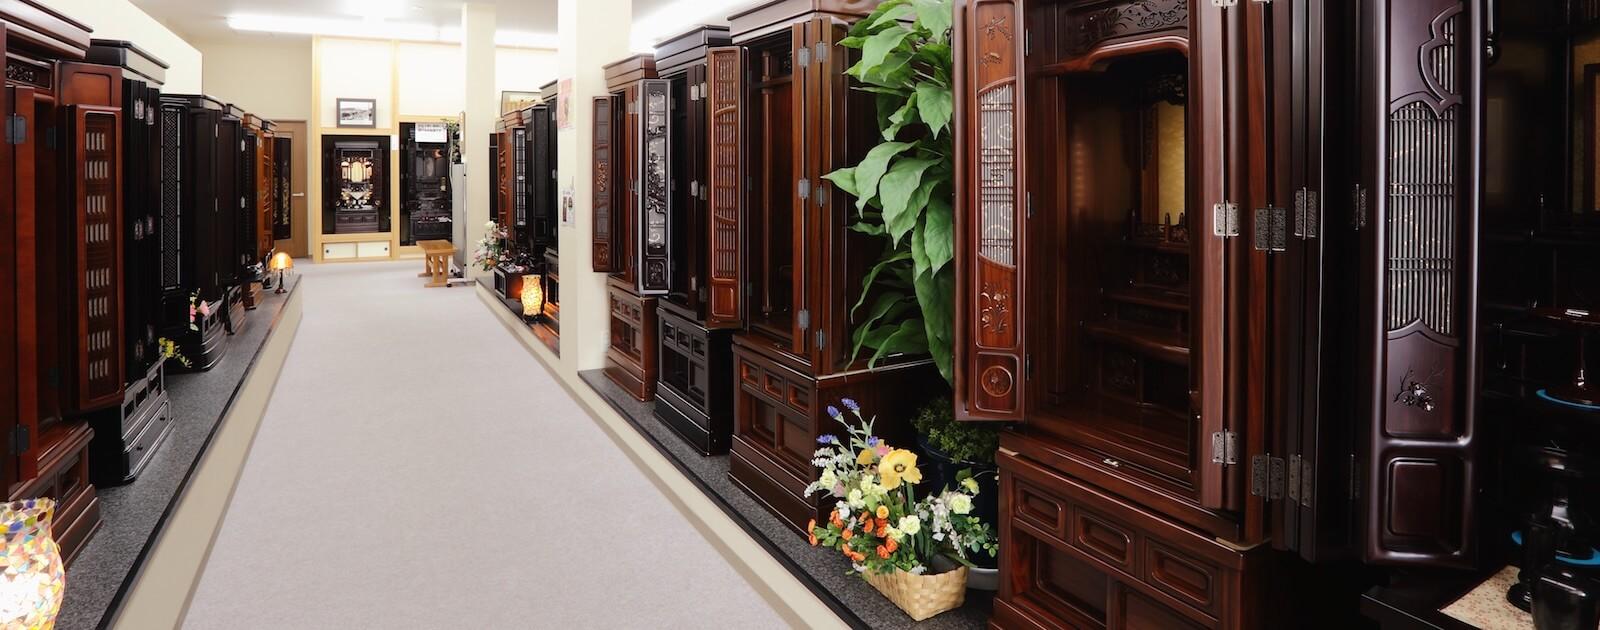 長野県のお仏壇展示場。大型仏壇が豊富